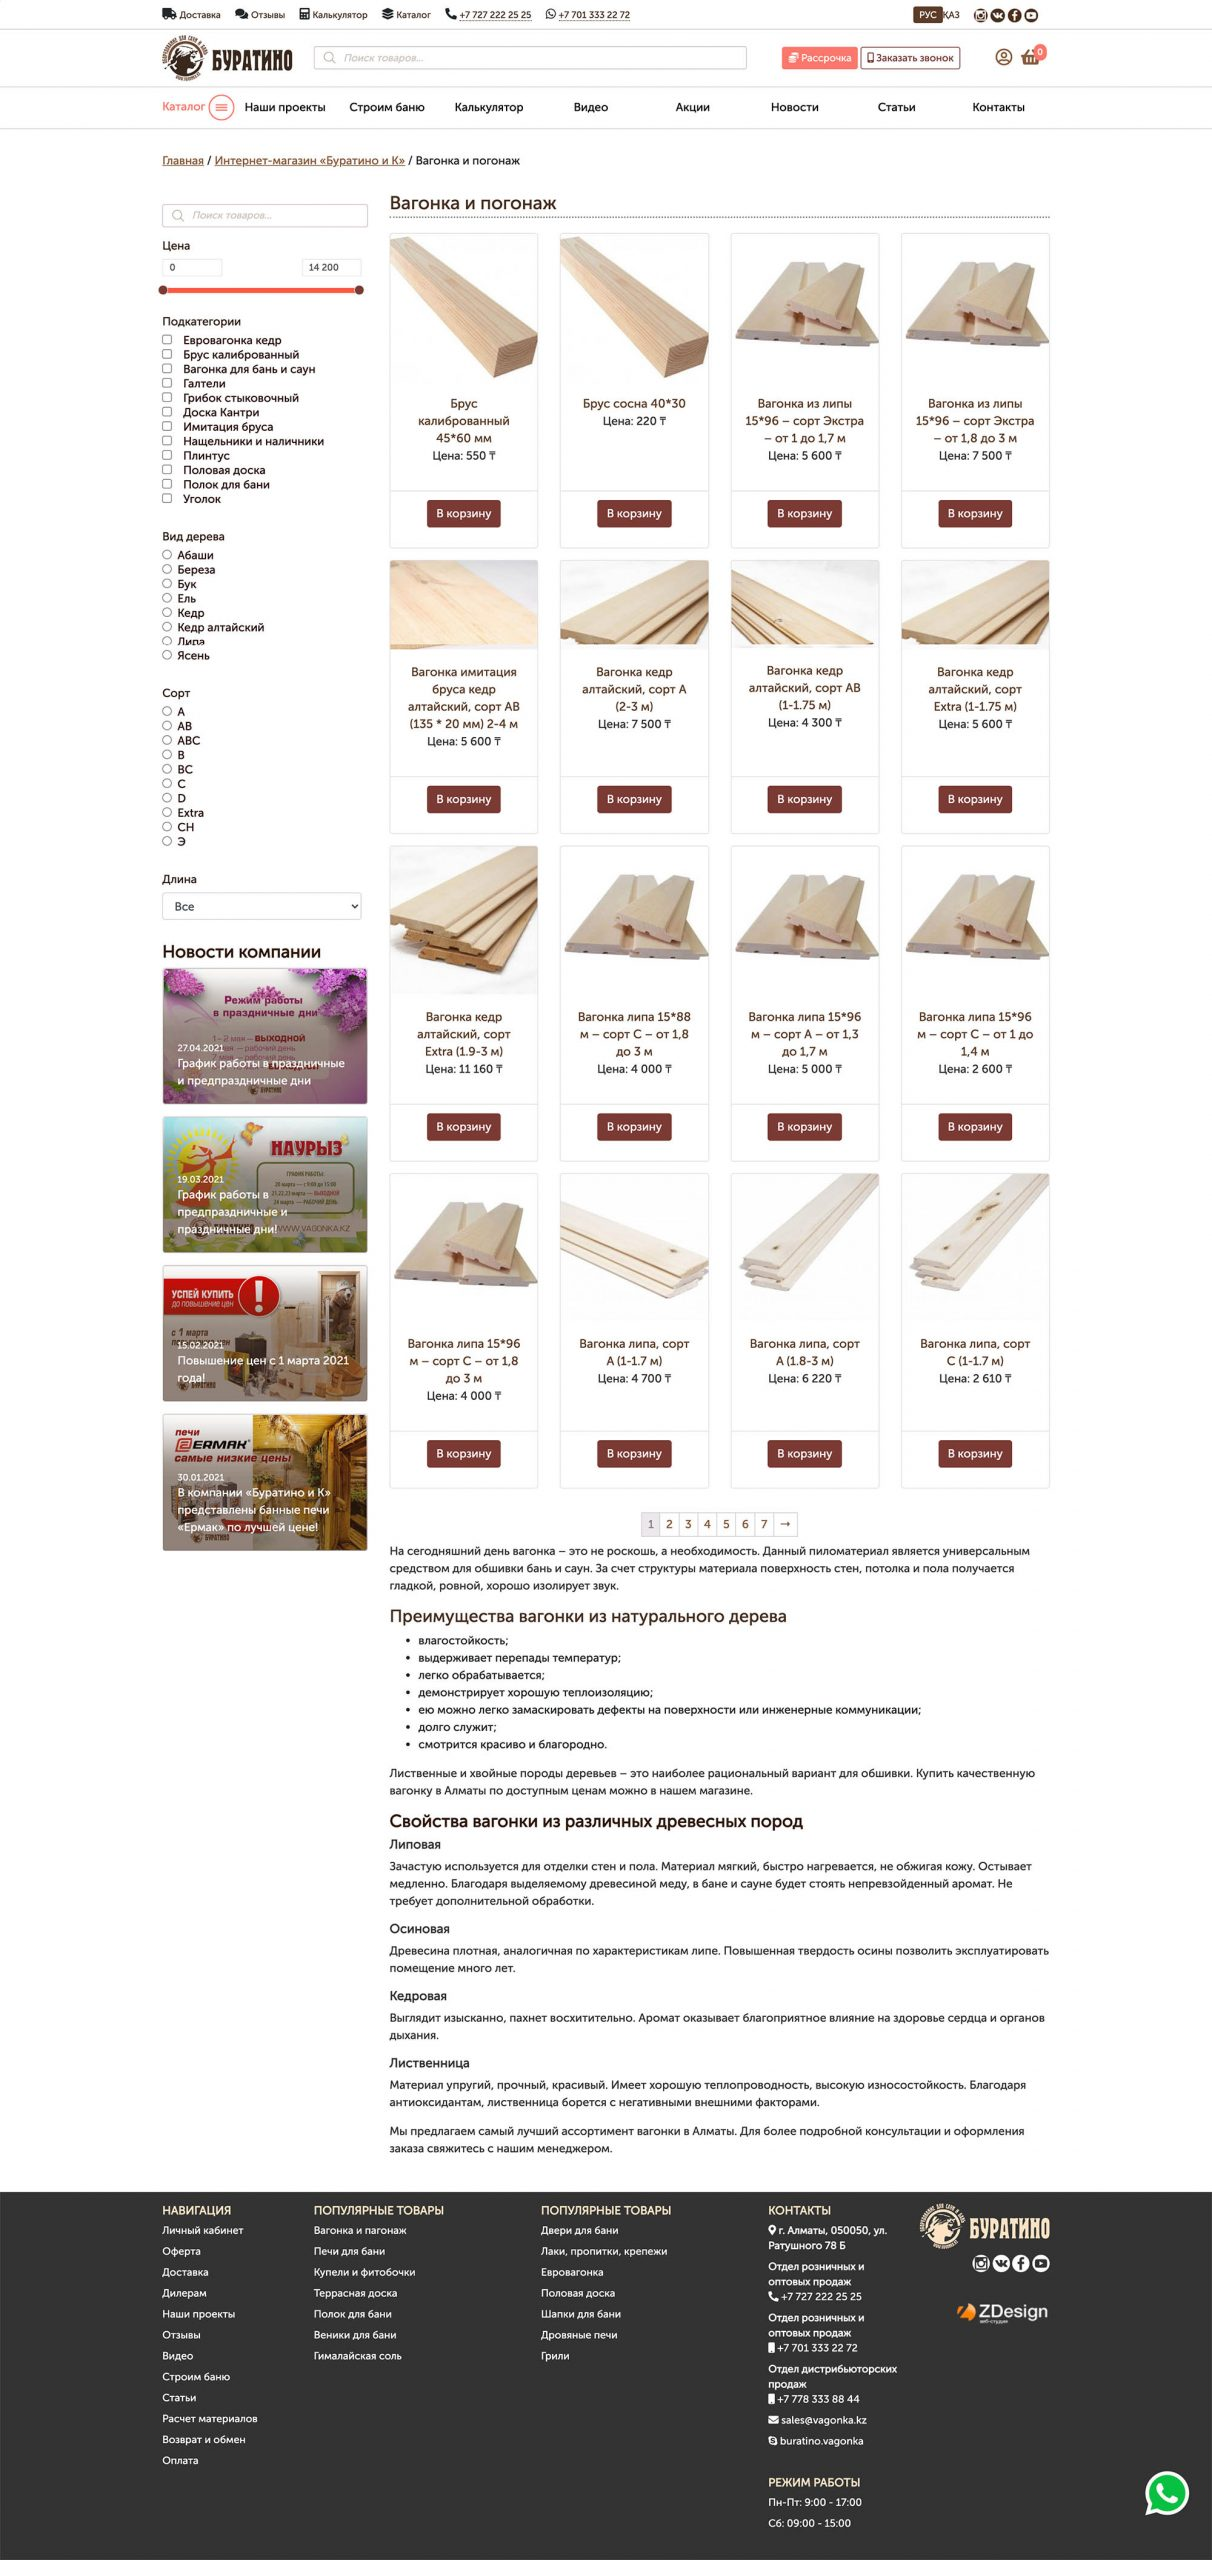 Разработка третьей версии интернет-магазина товаров для бани